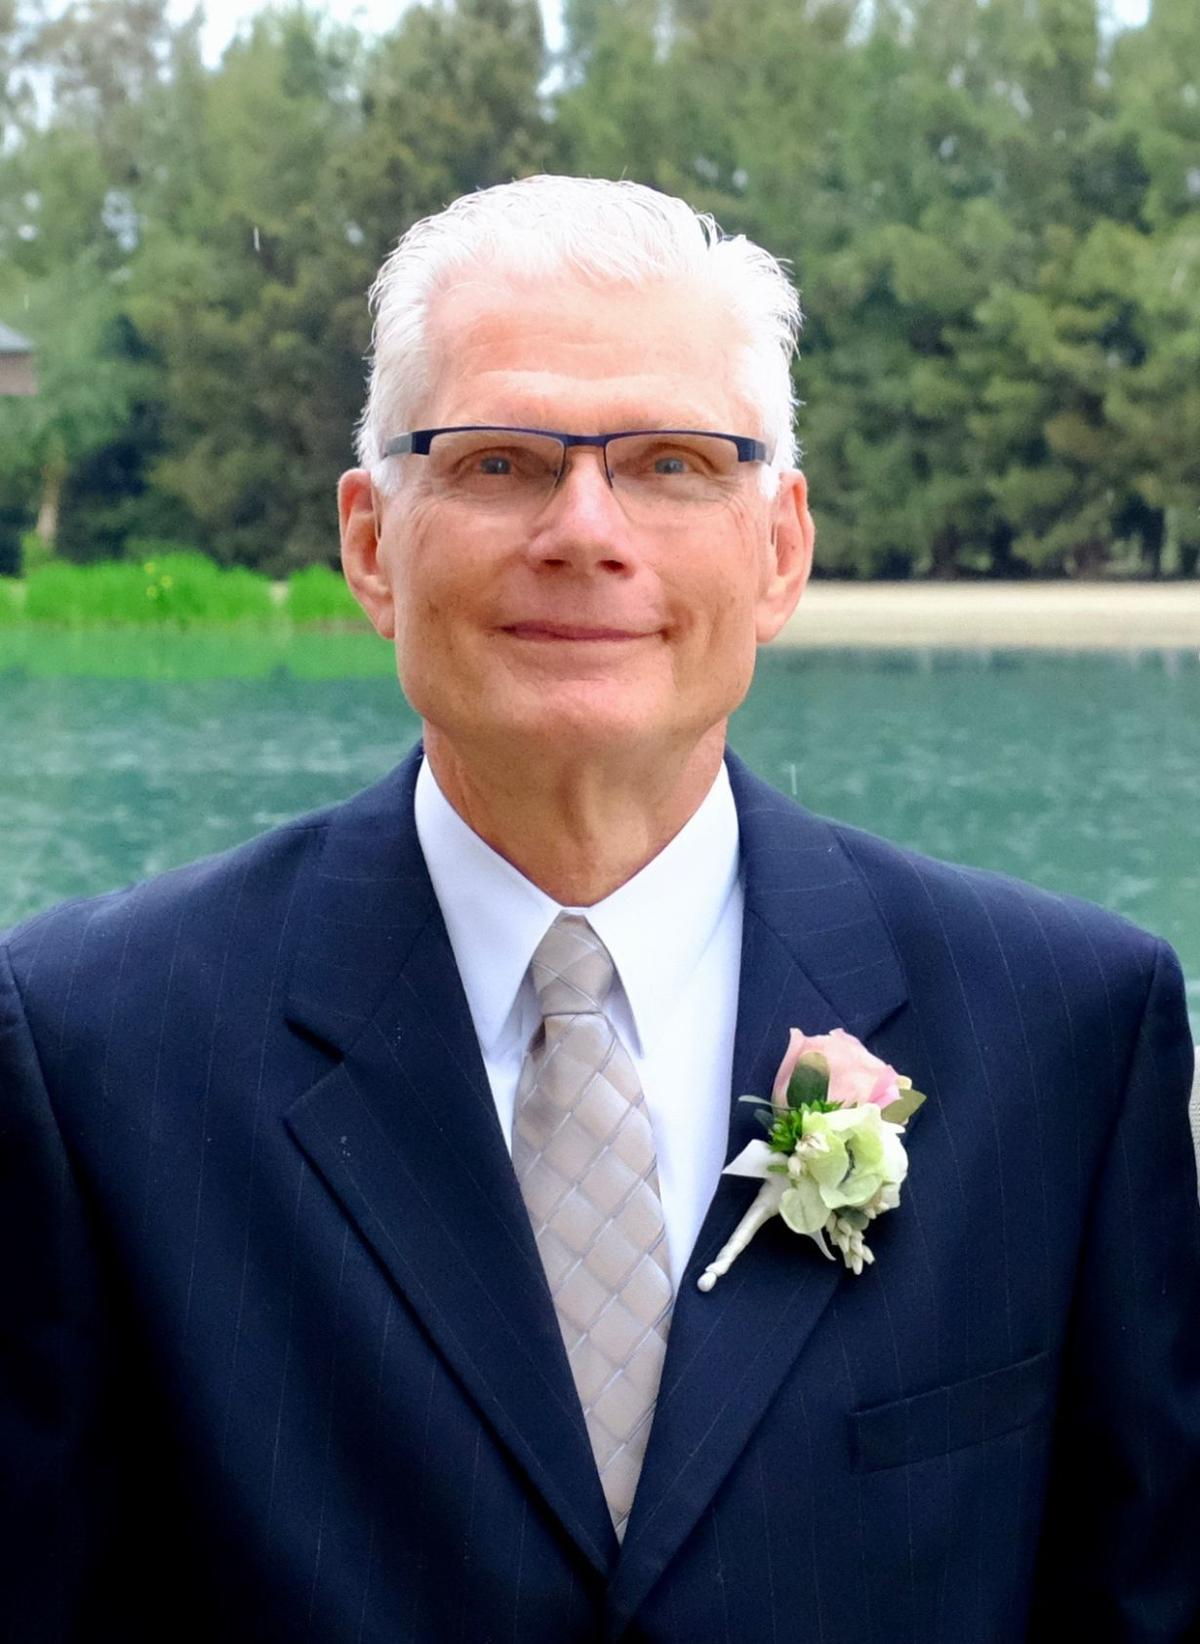 John Vance DeLeeuw